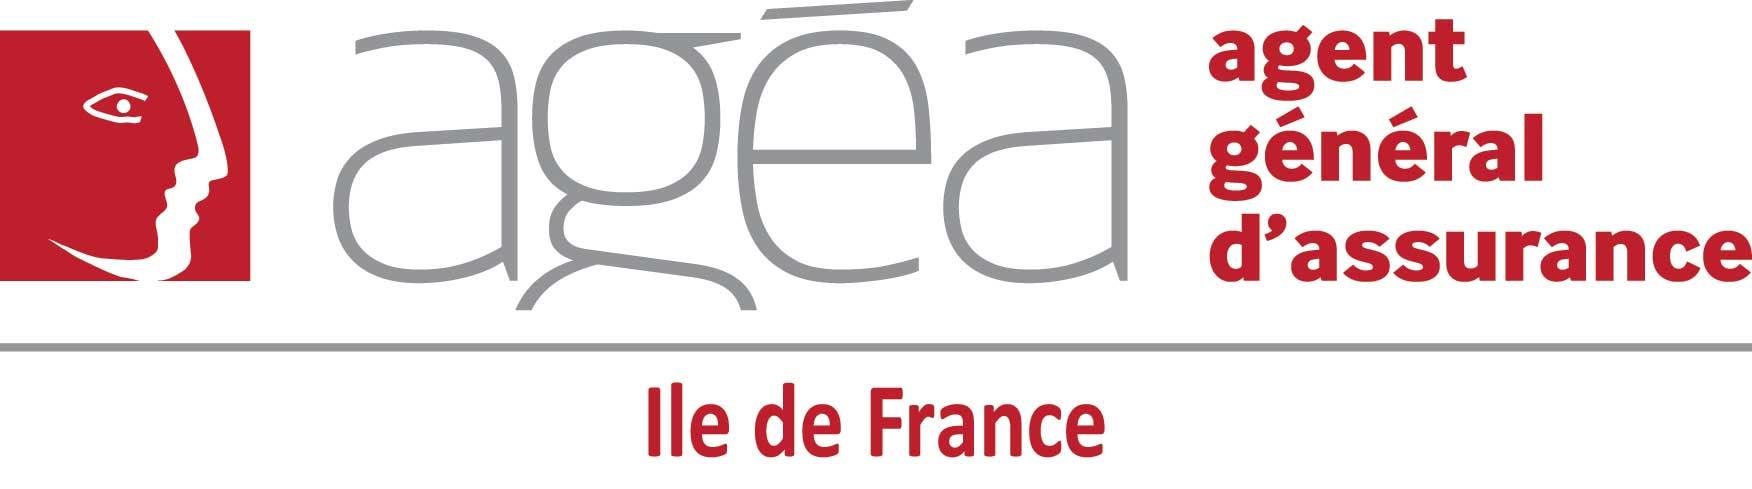 Chambre régionale agéa Ile-de-France